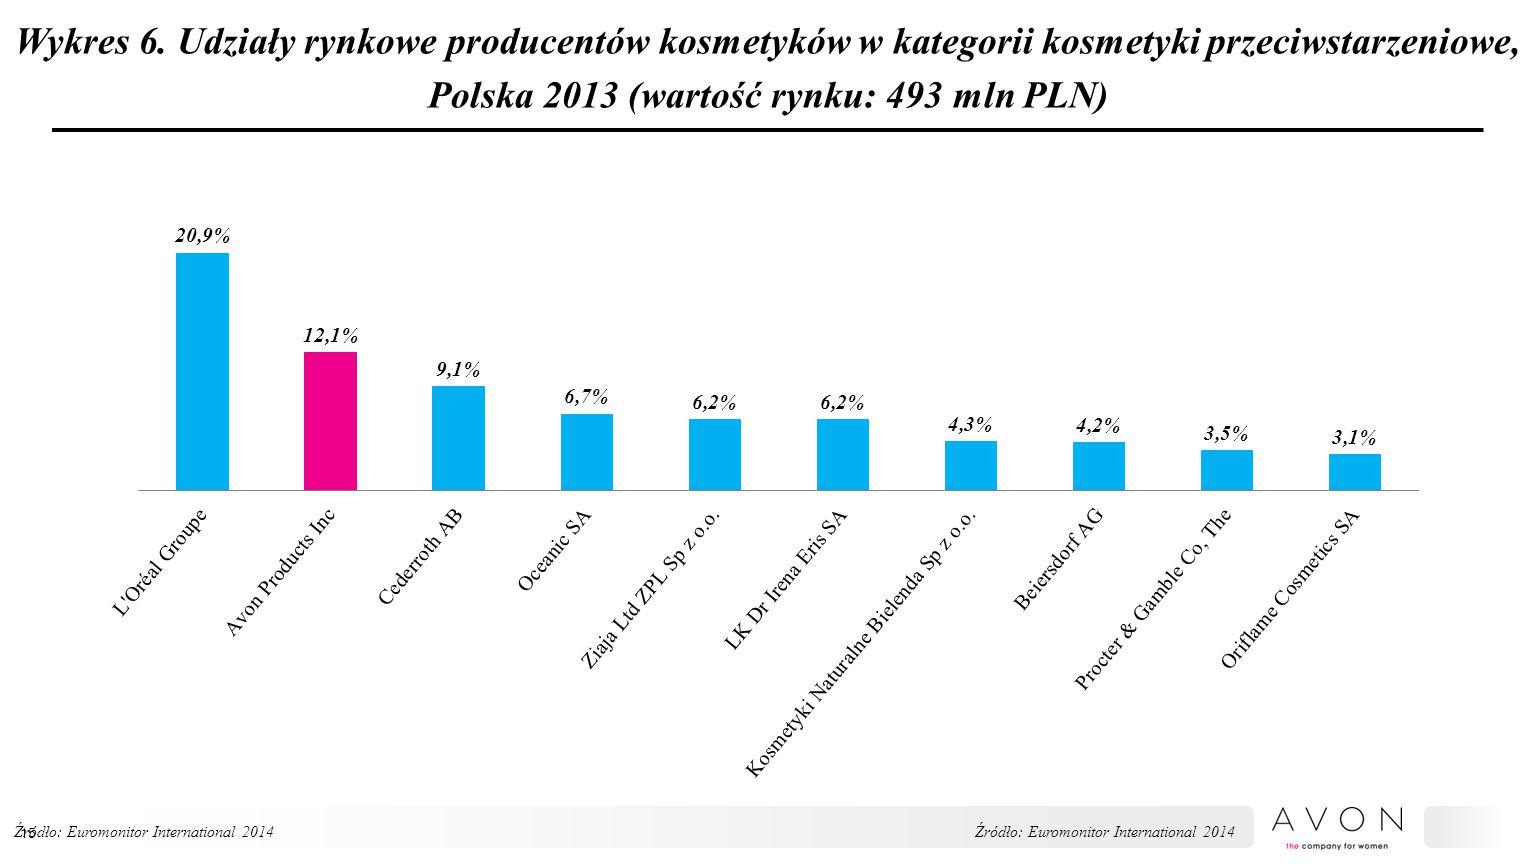 Wykres 6. Udziały rynkowe producentów kosmetyków w kategorii kosmetyki przeciwstarzeniowe, Polska 2013 (wartość rynku: 493 mln PLN) Źródło: Euromonito